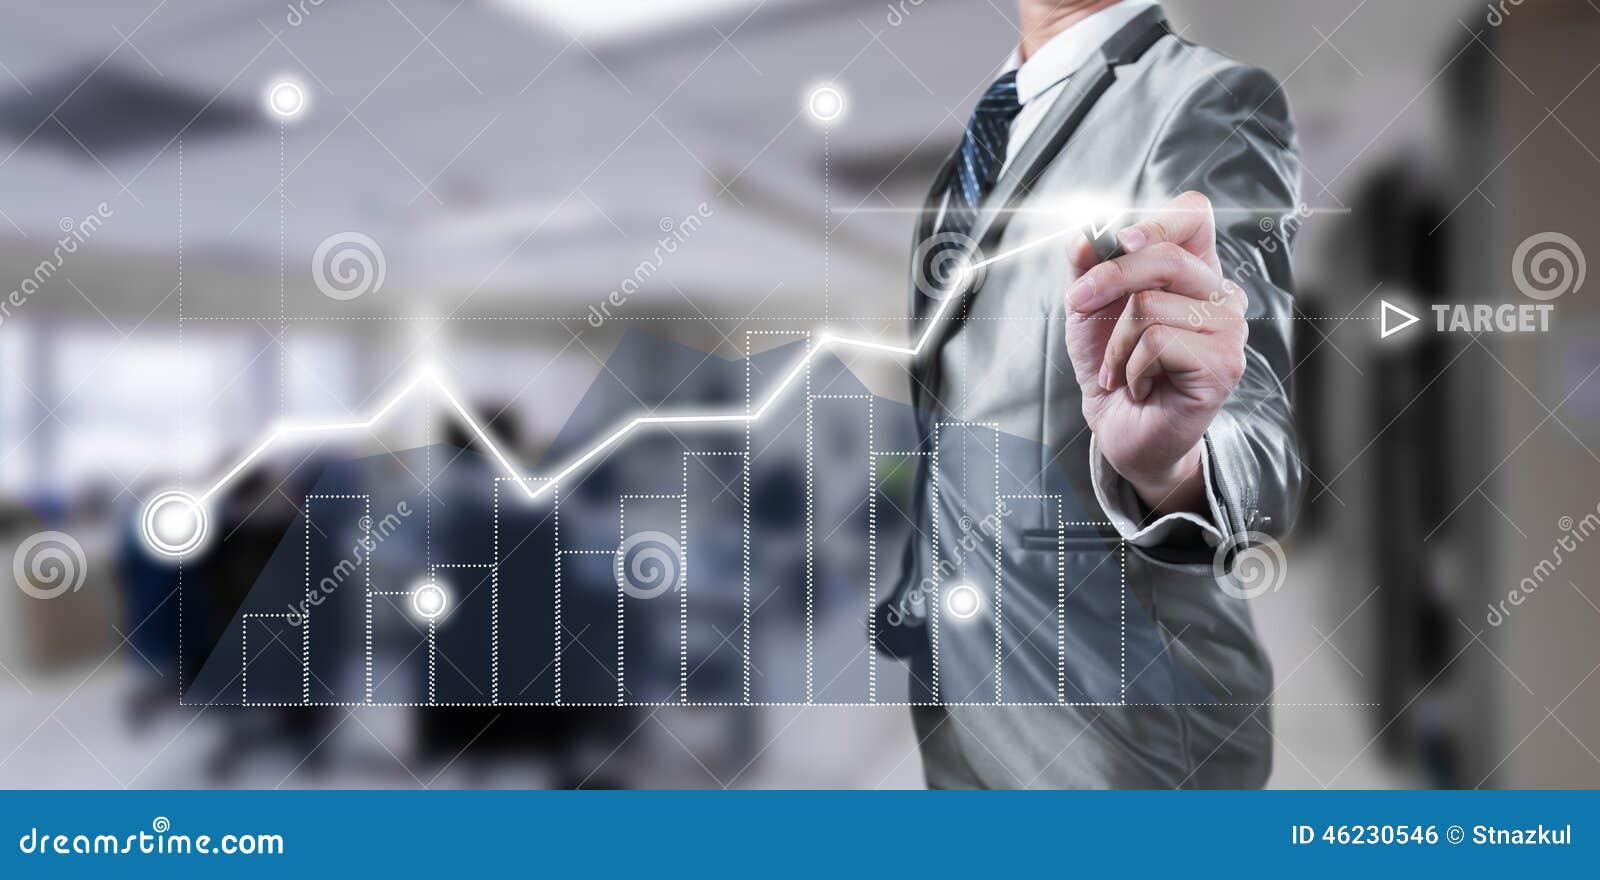 Бизнесмен работая на цифровой диаграмме, концепции стратегии бизнеса